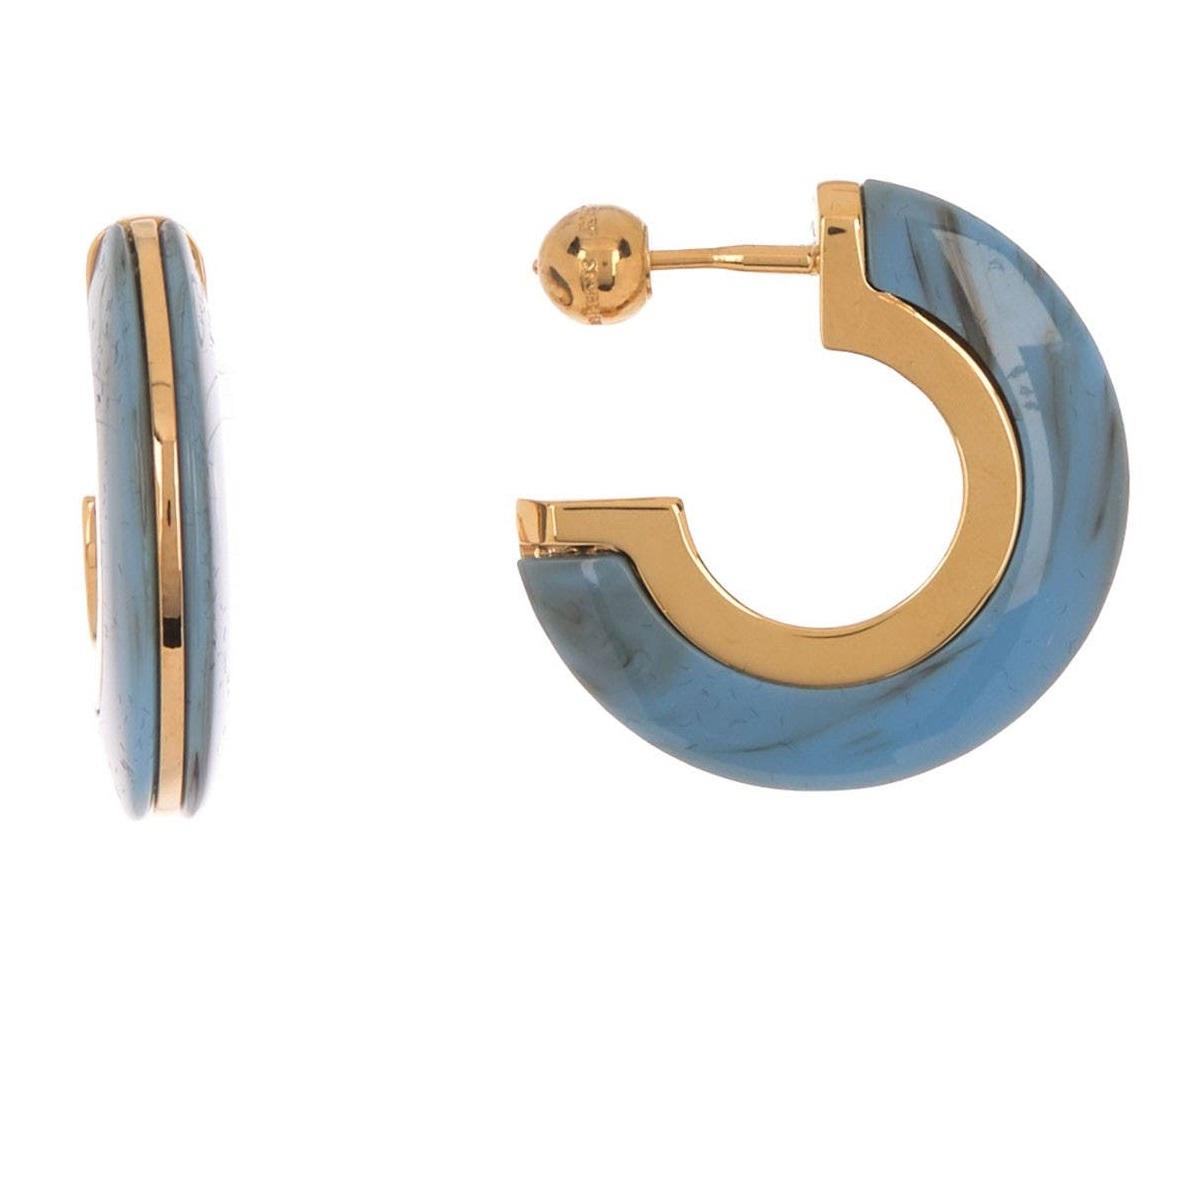 Burberry Ladies Reese Hoop Earrings In Blue,brown,gold Tone